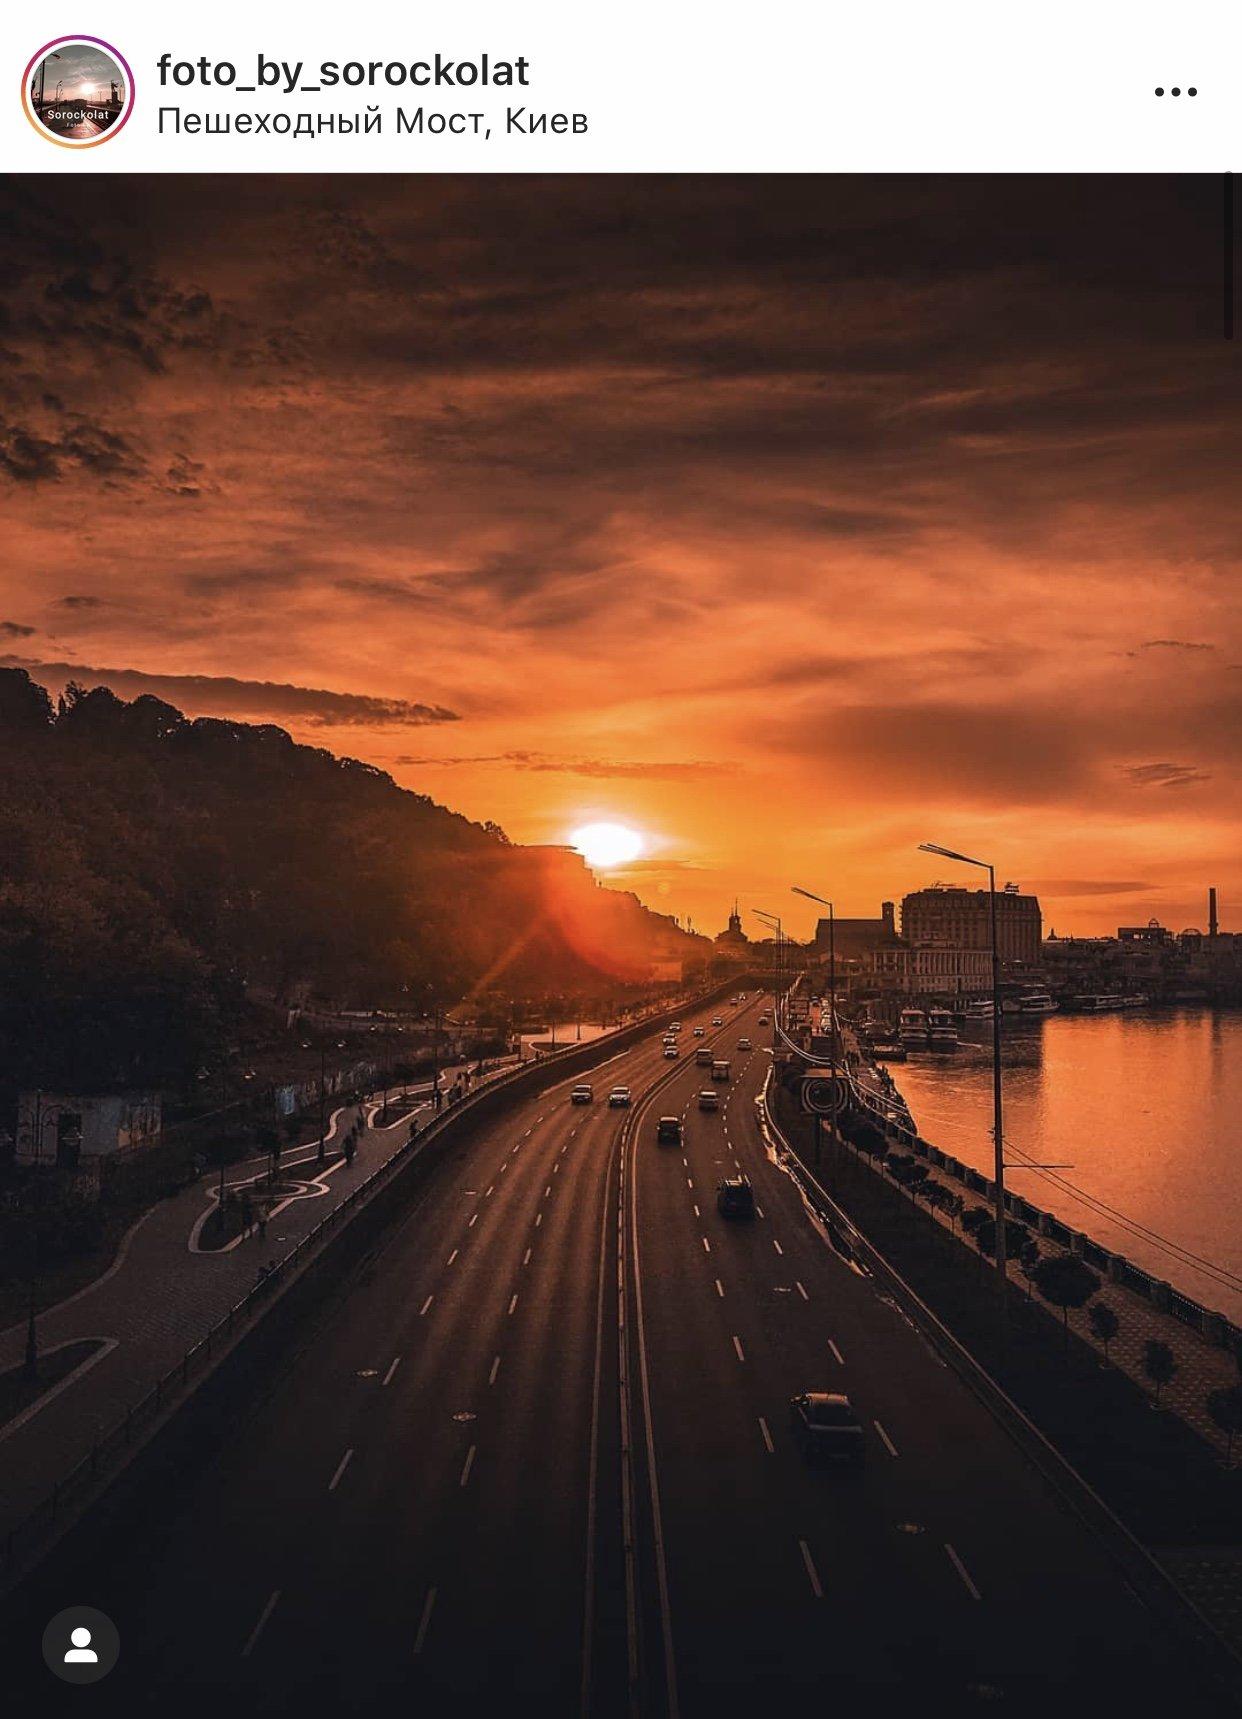 ТОП красивых фотографий Киева в Instagram , фото-1